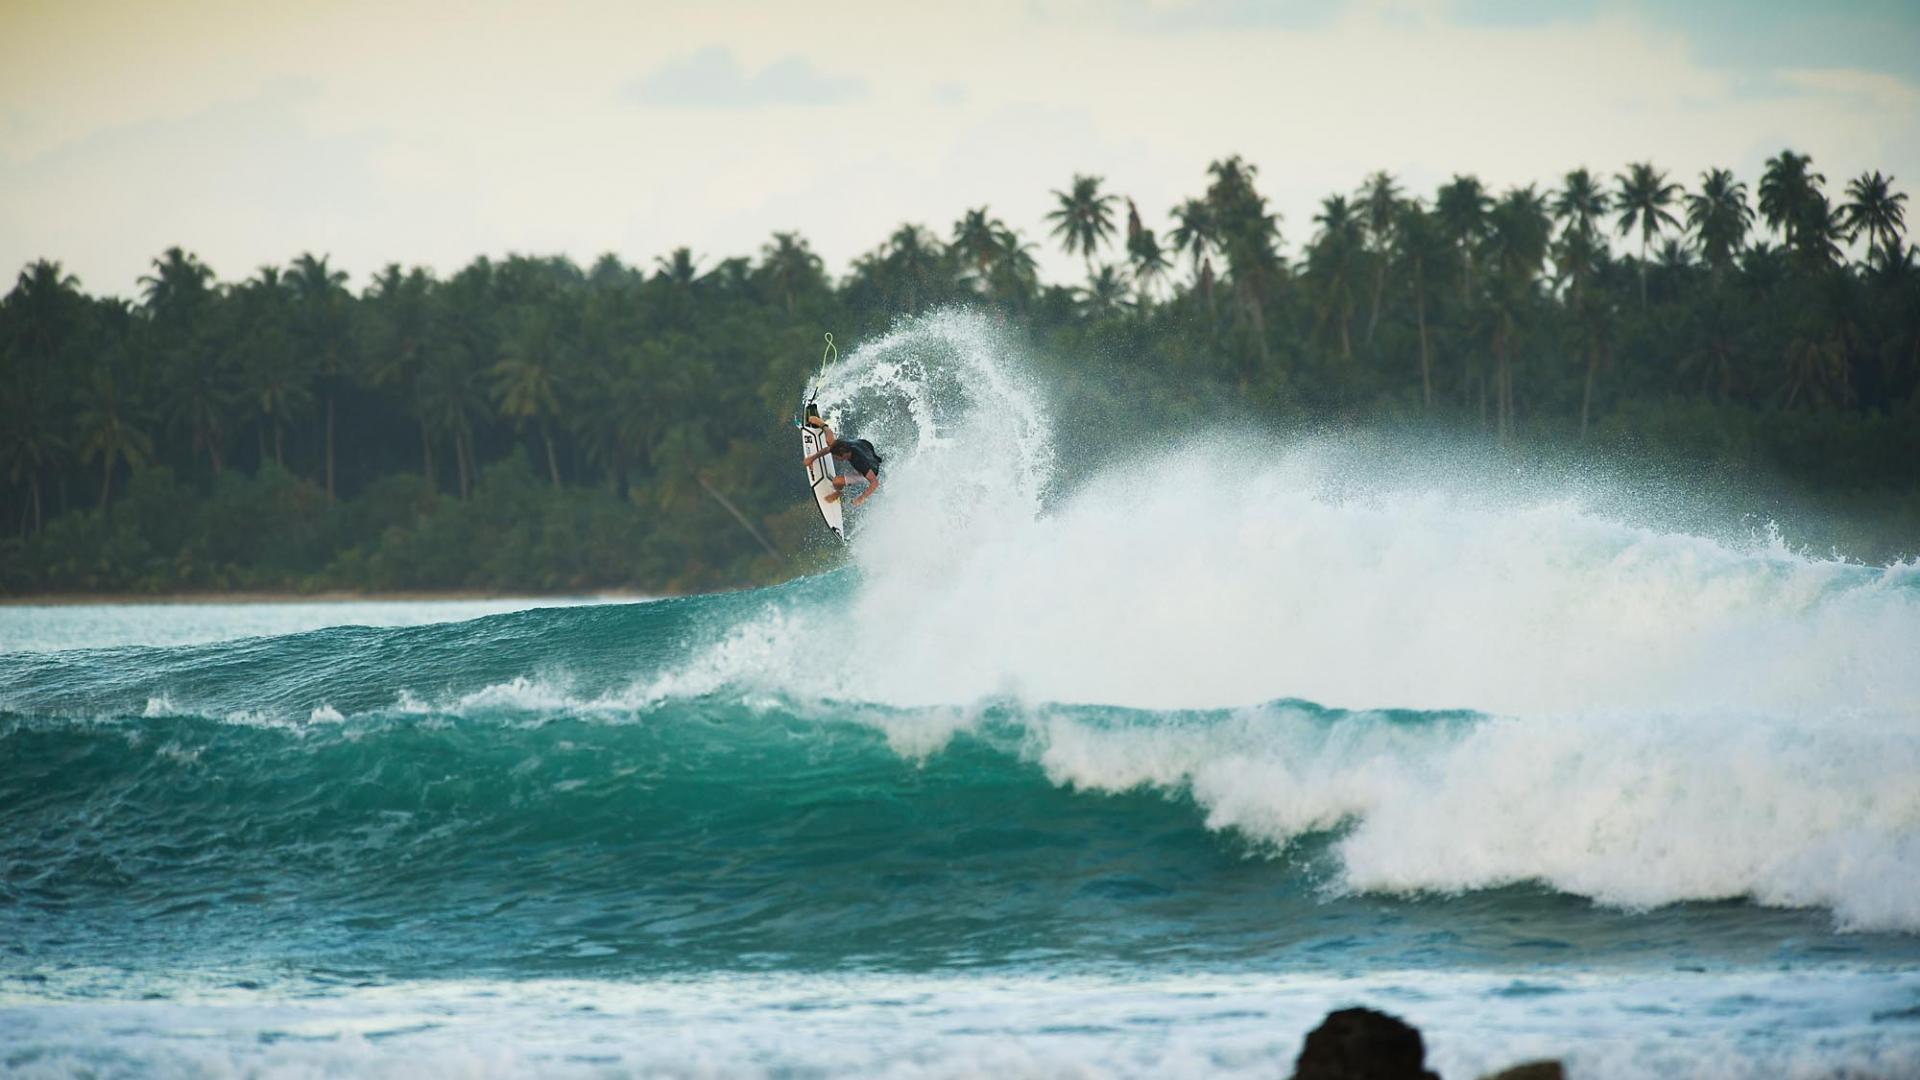 5 Days 4 Nights Nias Island Tour Package | Fun Sumatra